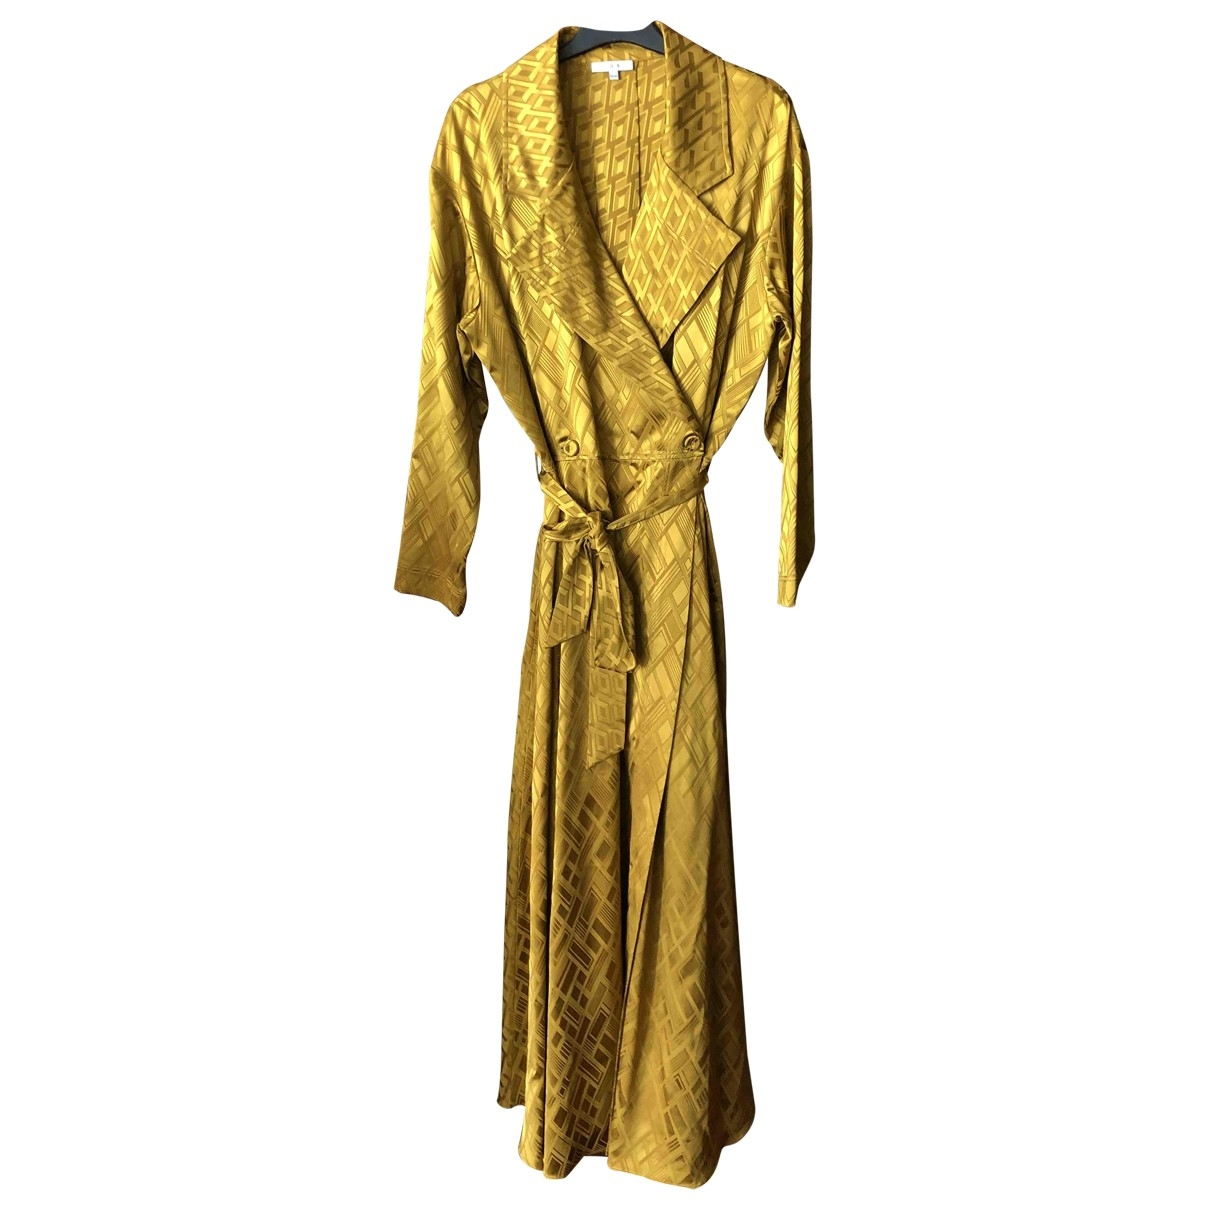 Layeur \N Kleid in  Gelb Viskose